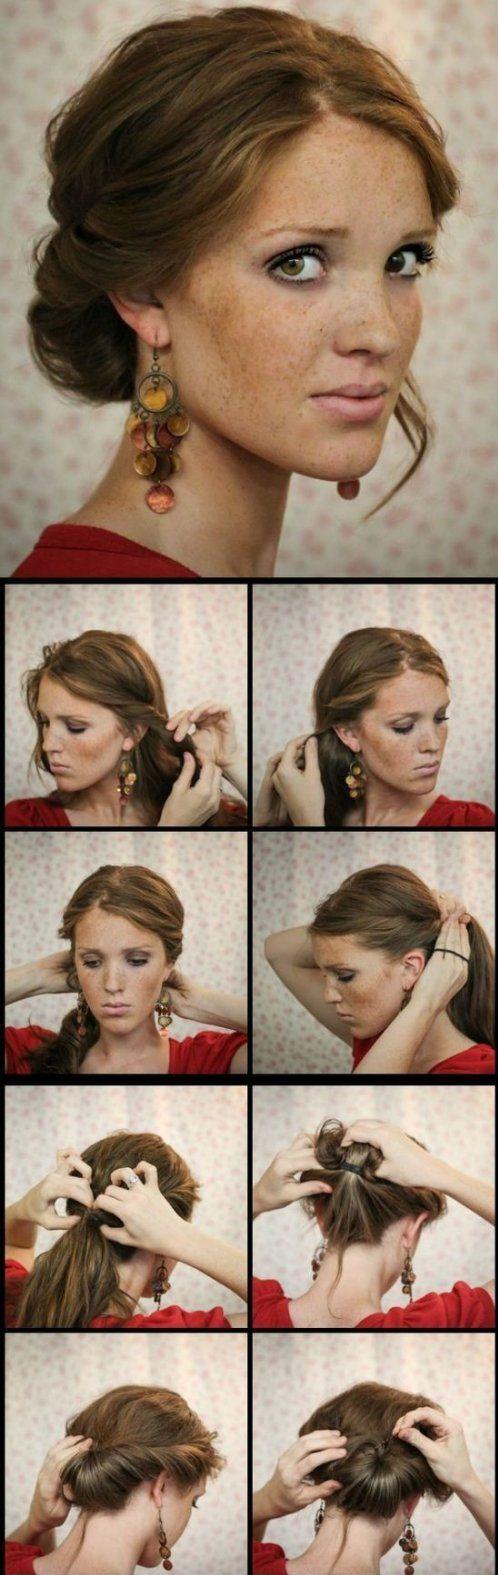 Peinado recogido facil con enrollados 2015 en 8 pasos sencillos